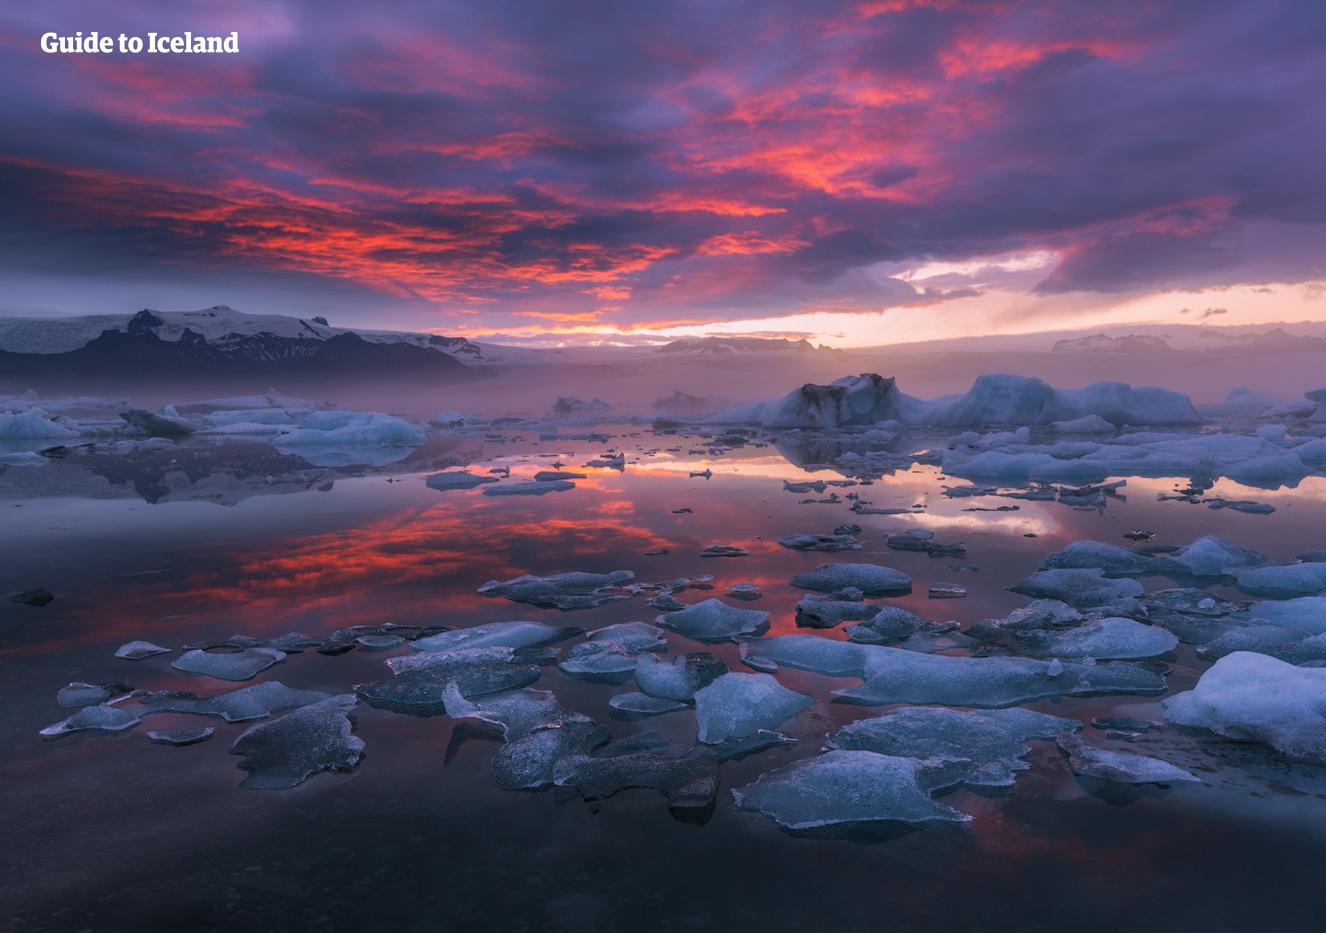 冰岛杰古沙龙冰河湖的碎冰安祥地漂浮在水面上